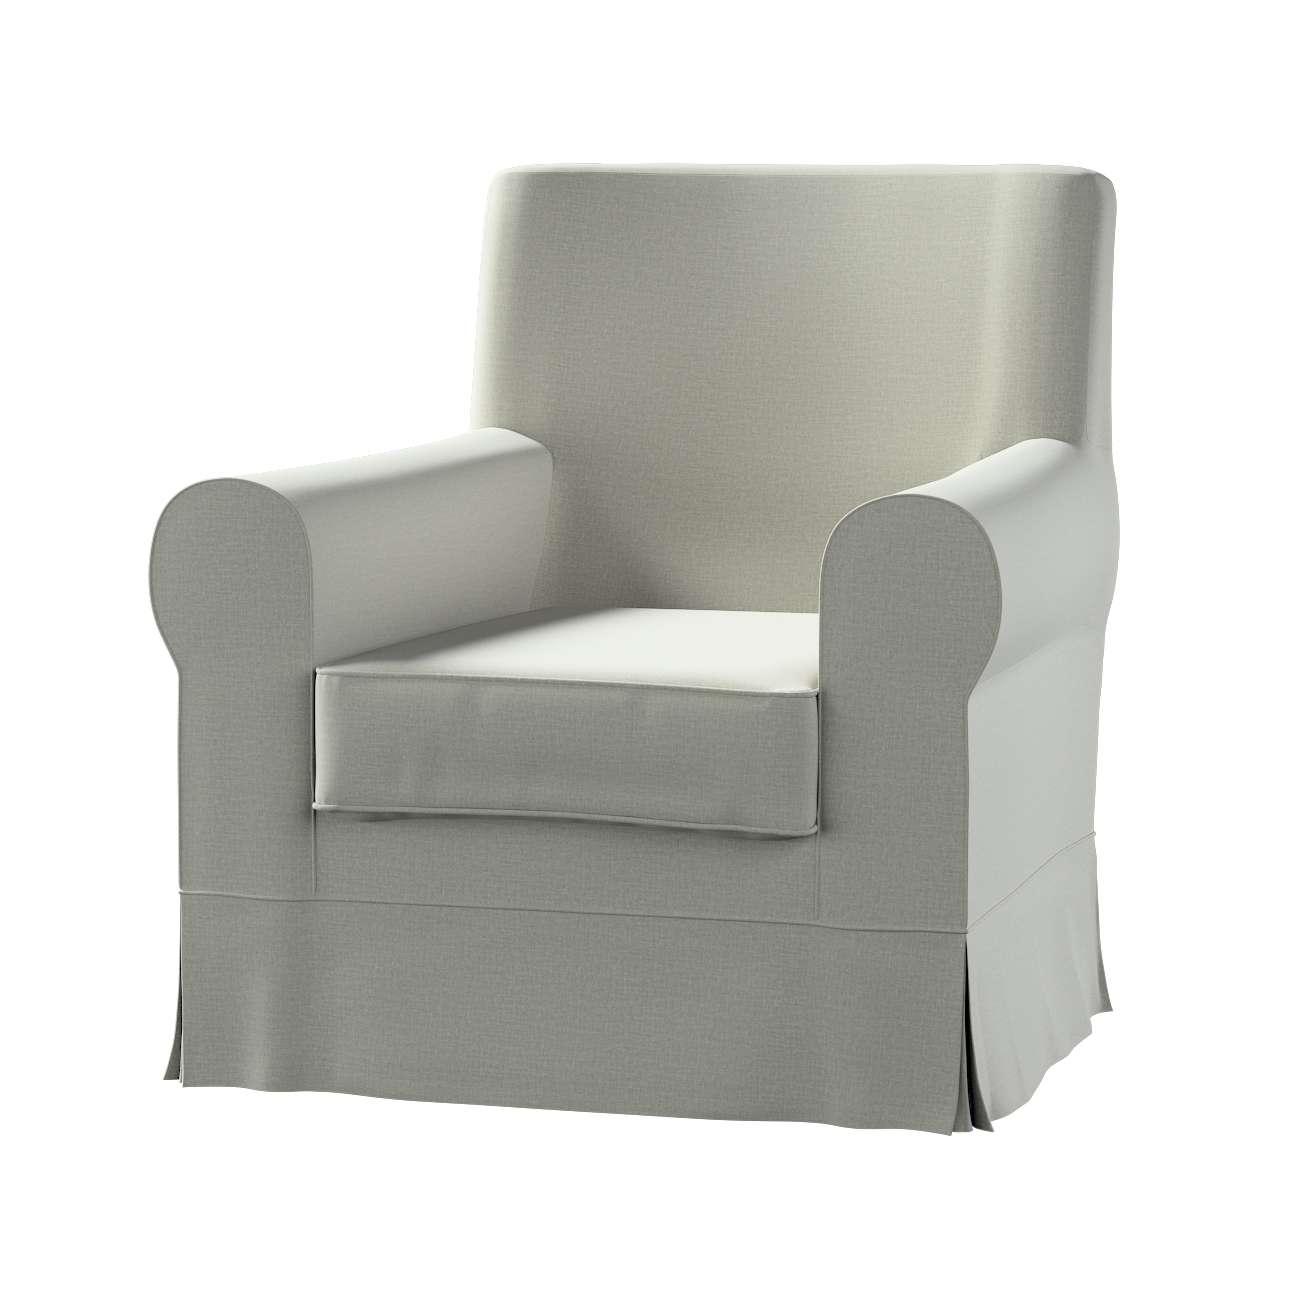 Pokrowiec na fotel Ektorp Jennylund w kolekcji Ingrid, tkanina: 705-41